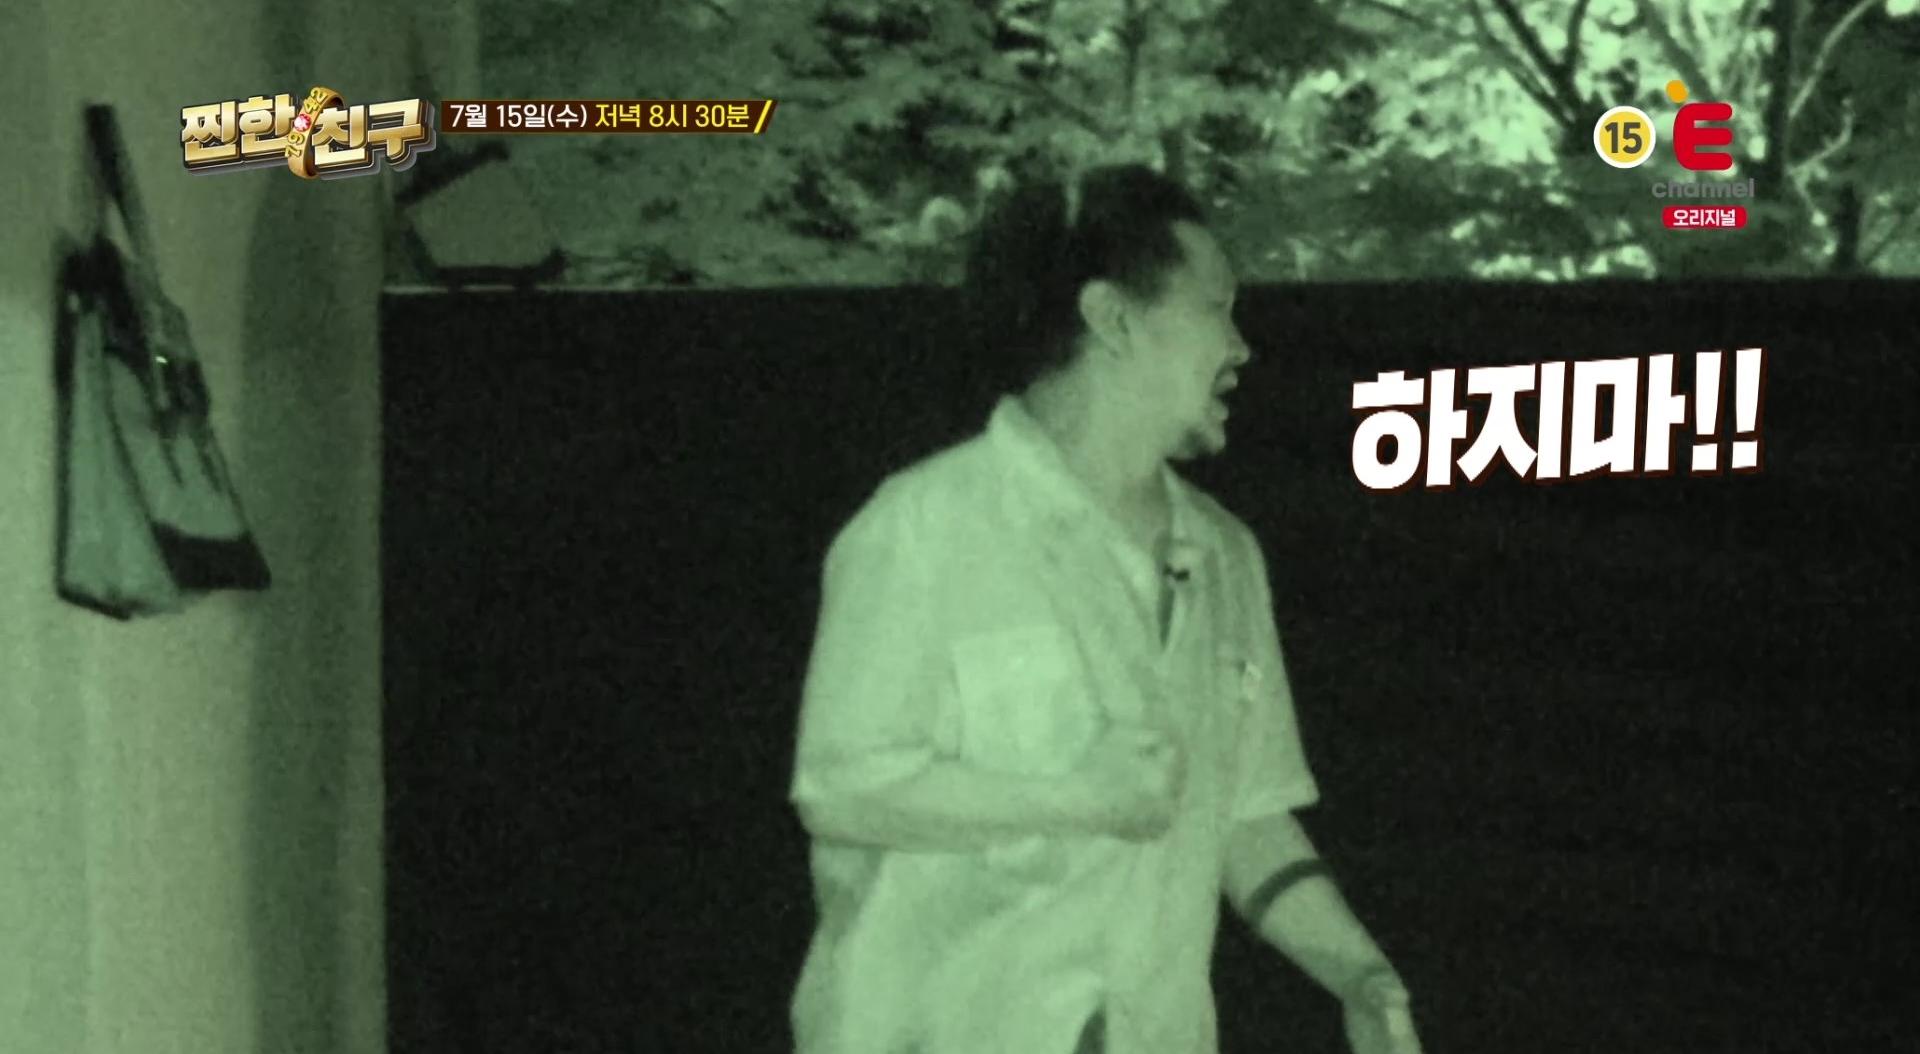 '찐한친구' 공포 폐교 특집, 양동근 울부짖으며 쓰러져… 촬영 중단까지